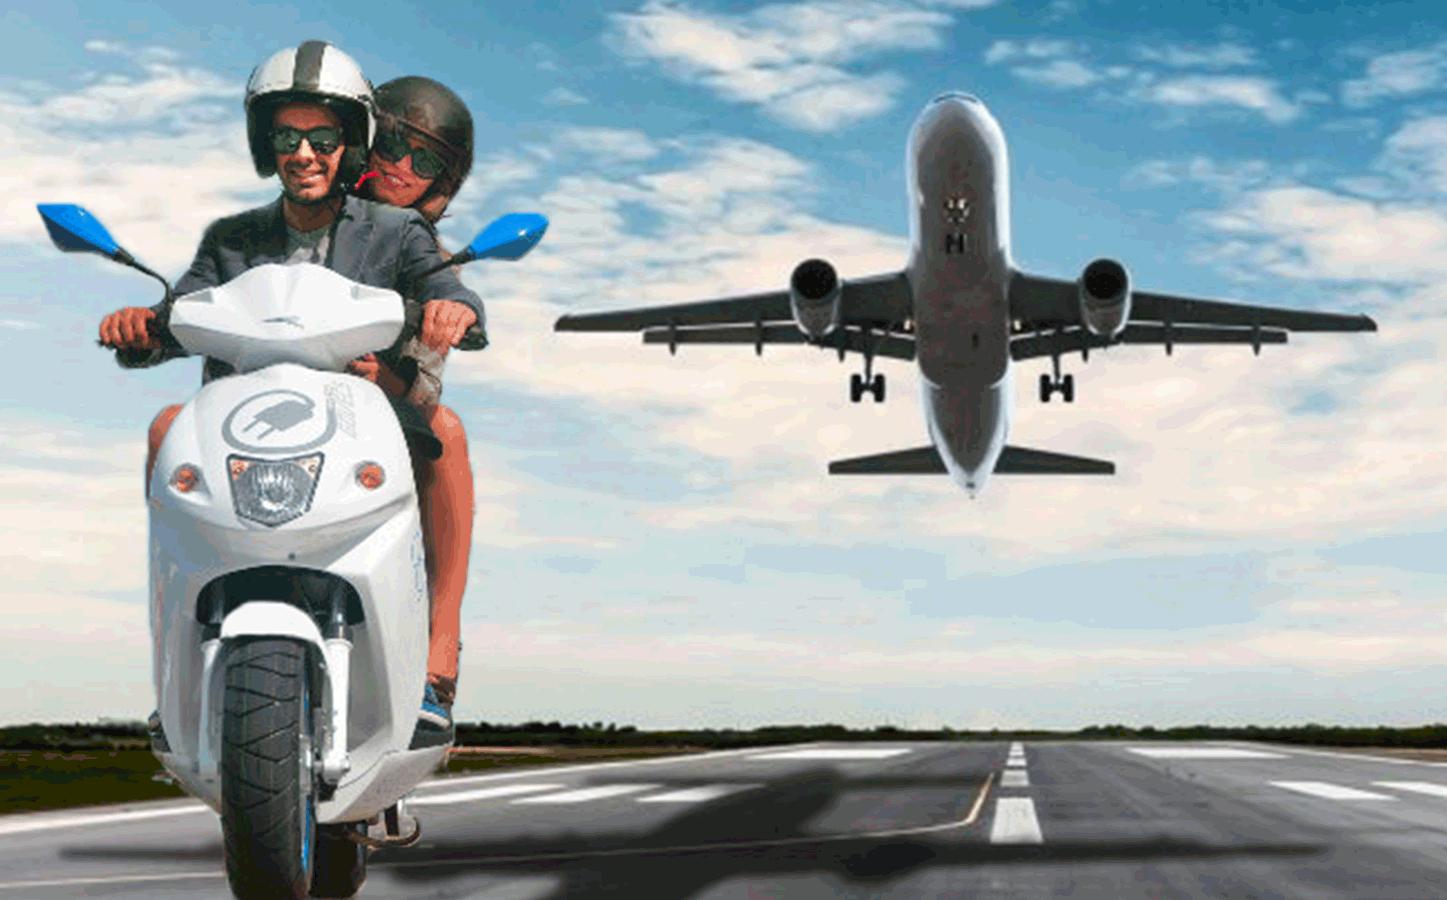 Du mardi 6 au samedi 10 juin, essayez un scooter électrique Govecs chez AC-Emotion et gagnez une invitation au Salon du Bourget